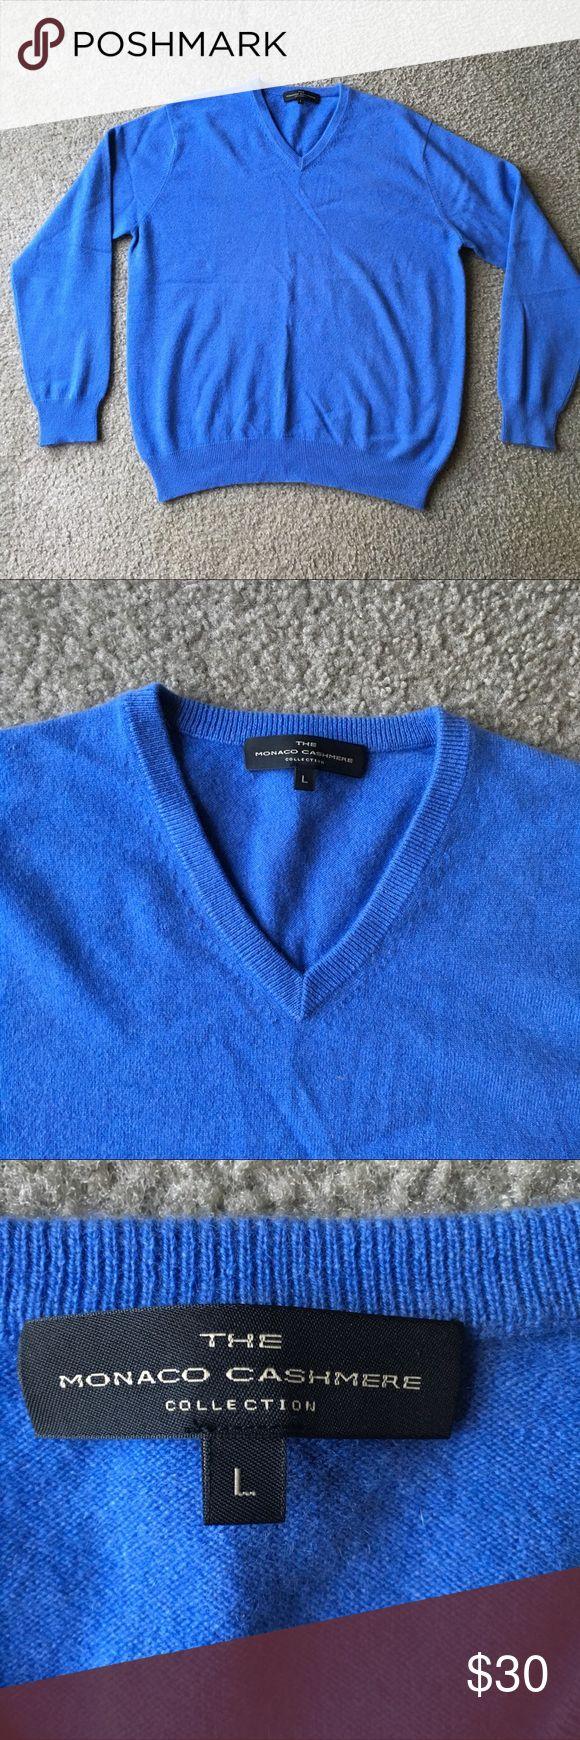 Men's Cashmere Sweater V neck Sz L Excellent condition The Monaco Cashmere Collection Sweaters V-Neck